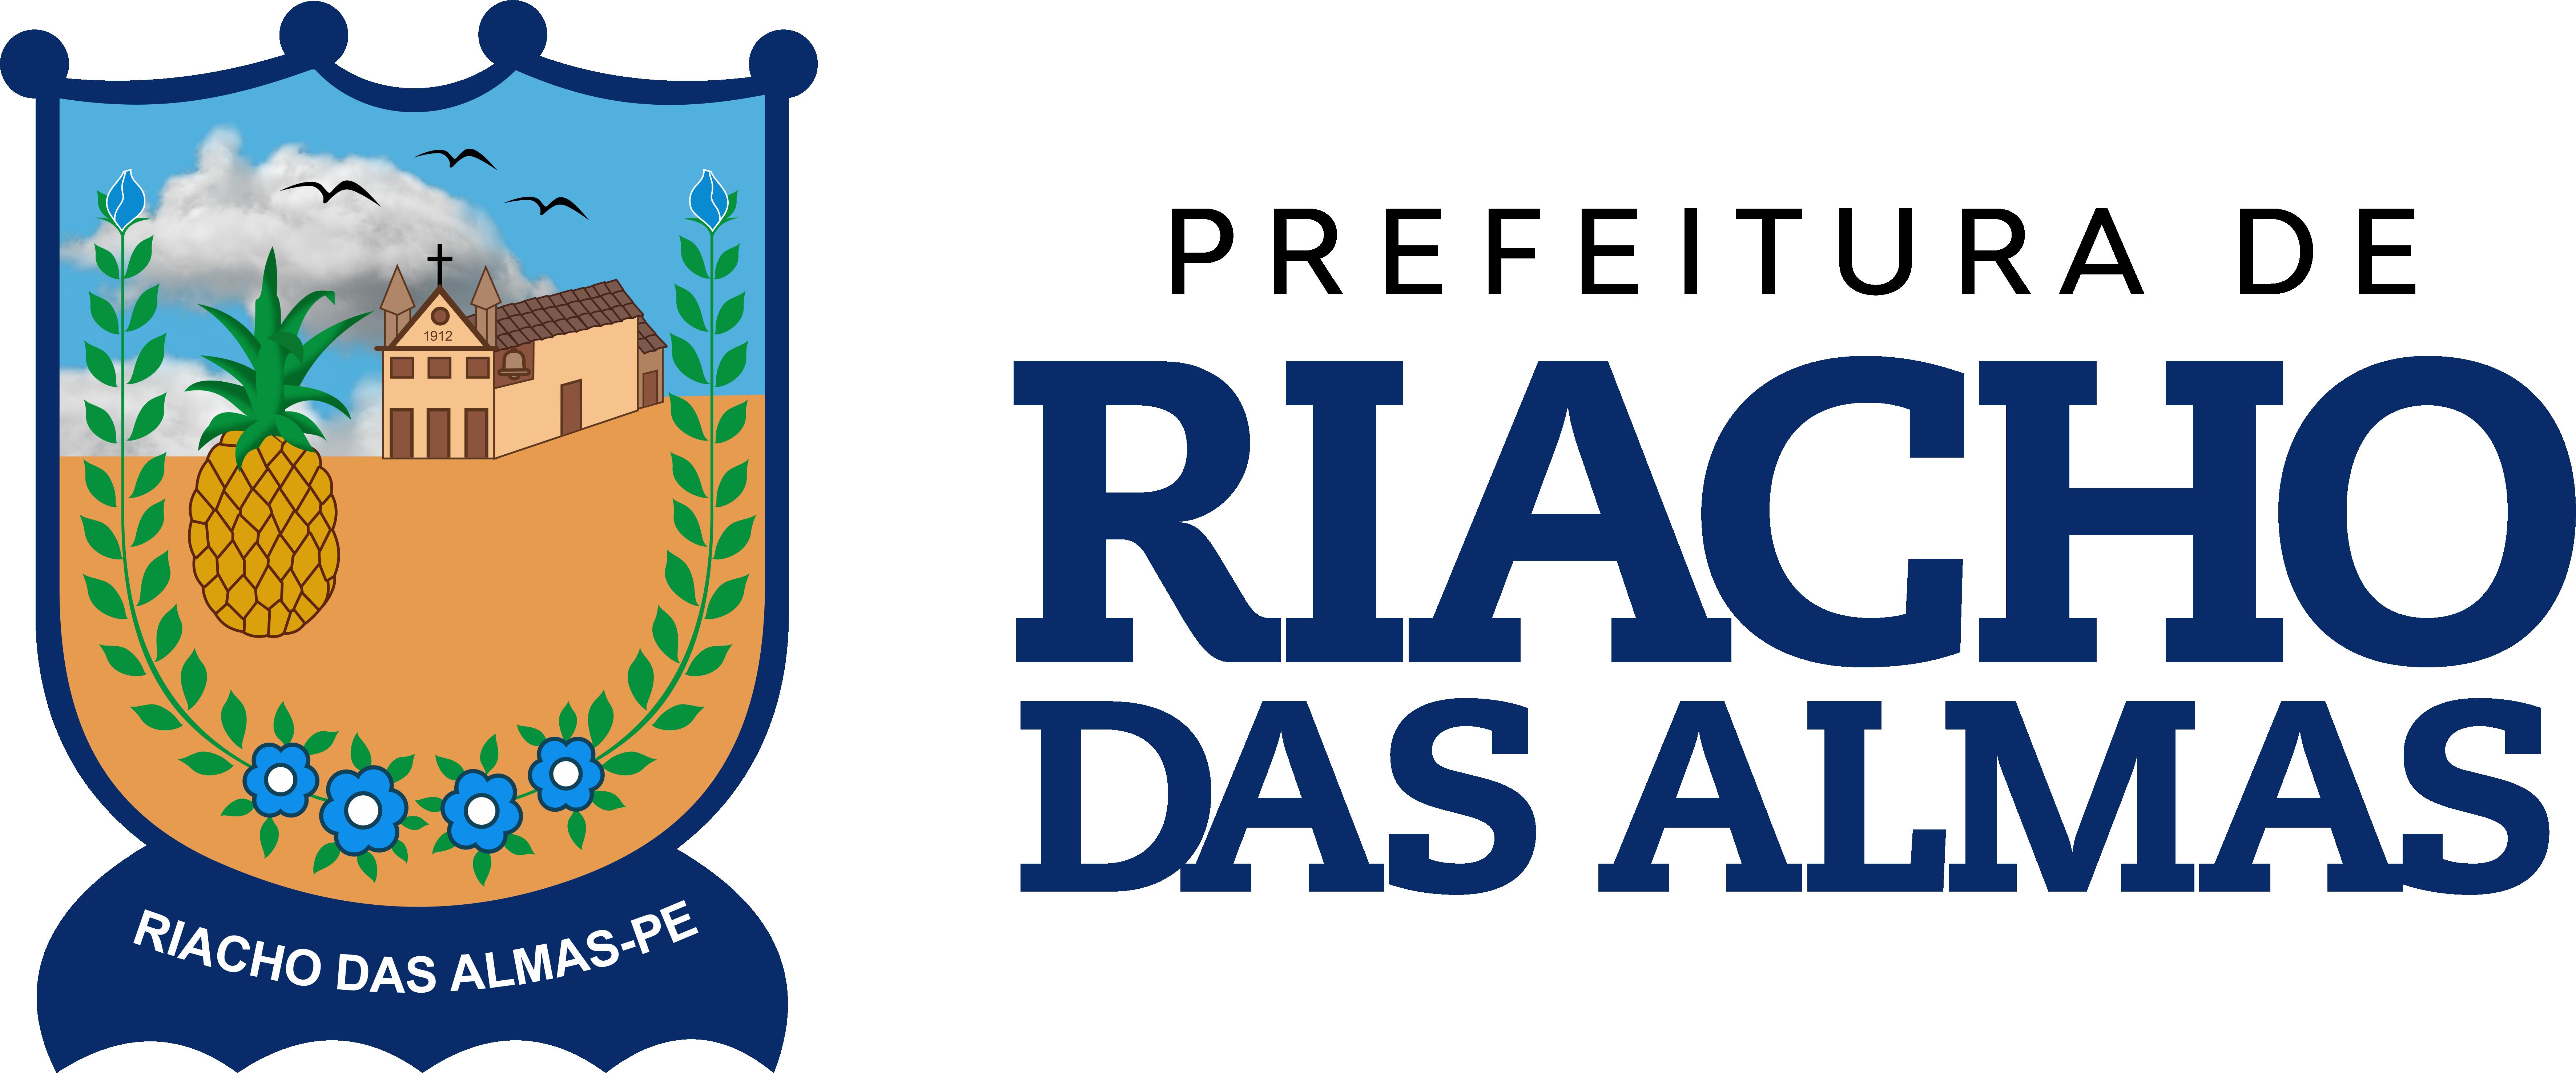 Fonte: riachodasalmas.pe.gov.br